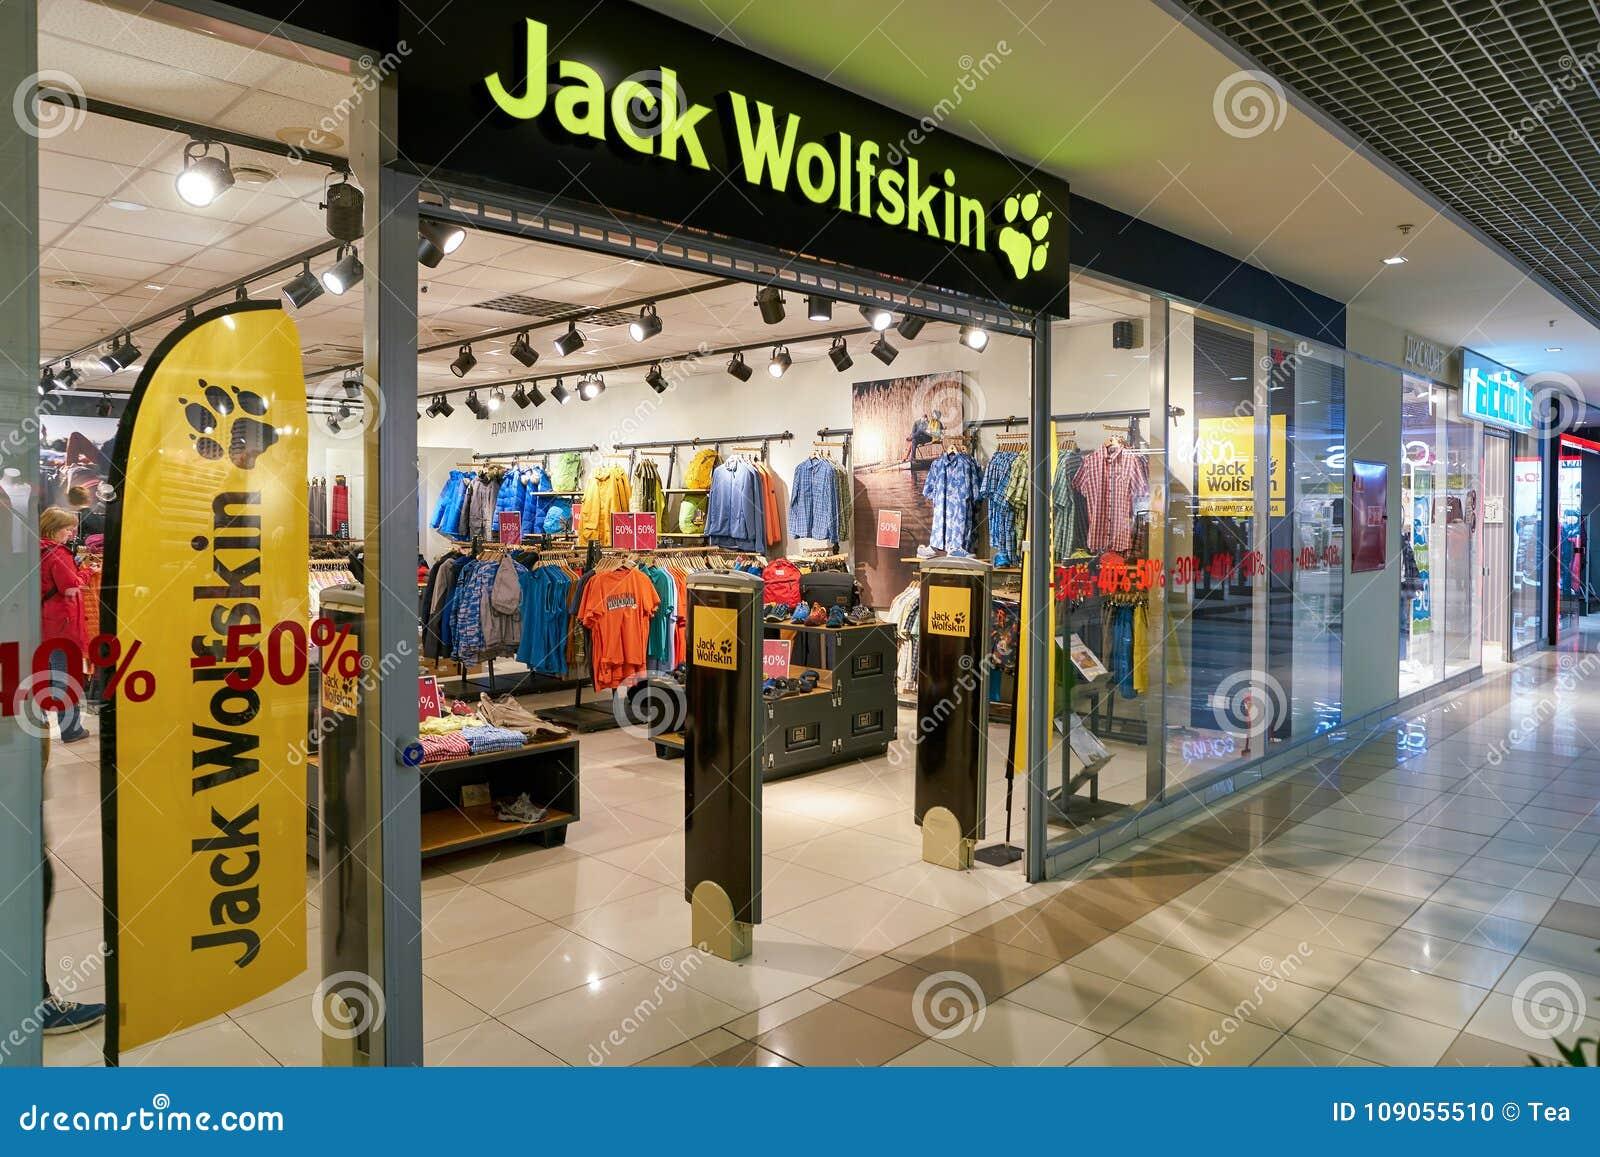 herausragende Eigenschaften Sonderkauf abholen Jack Wolfskin editorial image. Image of shopping, sale ...